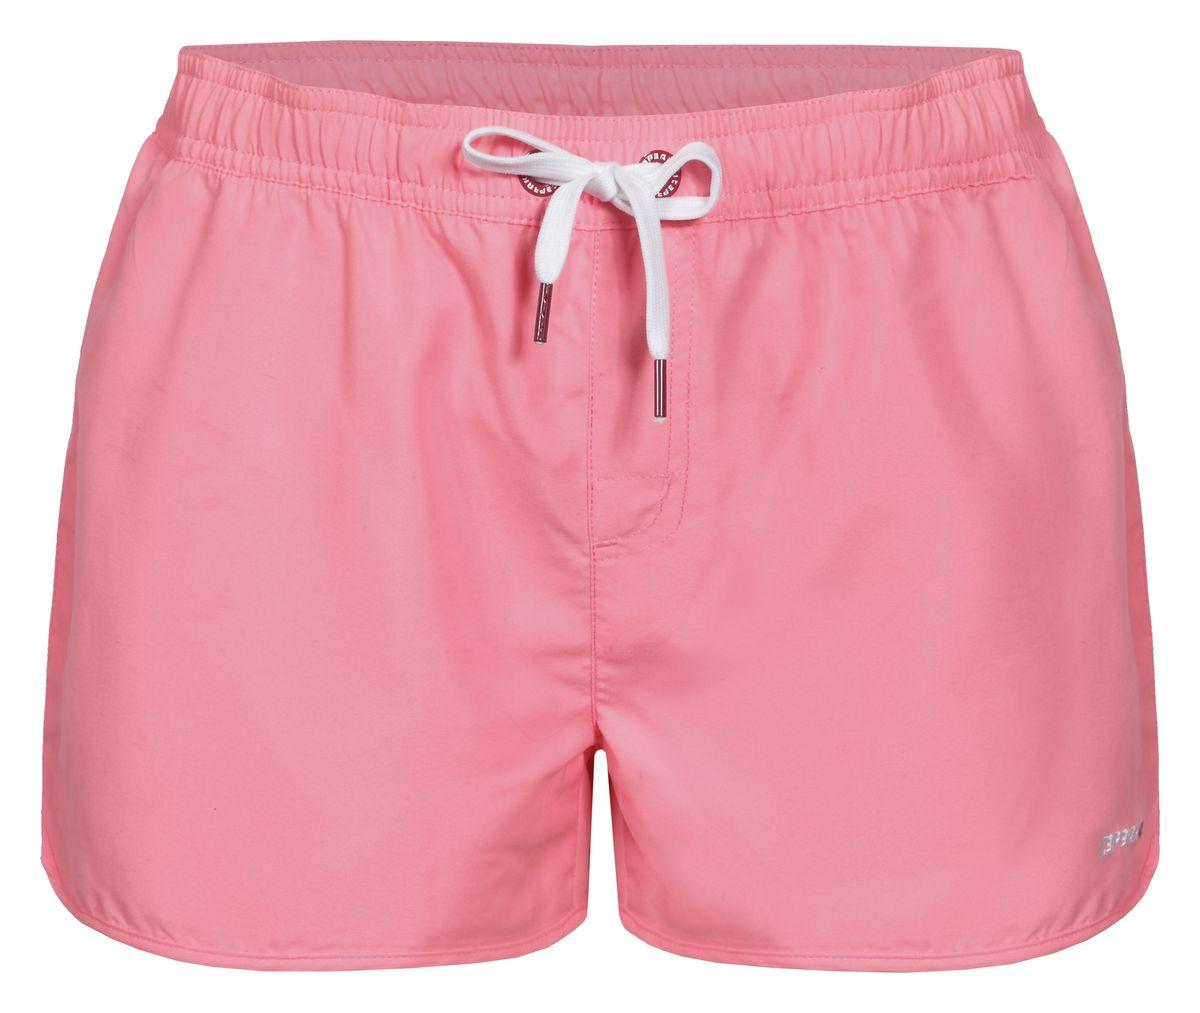 Шорты для плавания женские Icepeak Kristin, цвет: розовый. 754524513IV. Размер 34 (40)754524513IVПляжные шорты для плавания Kristin от Icepeak выполнены из мягкого и технологичного материала. Модель дополнена эластичным поясом со шнурком.